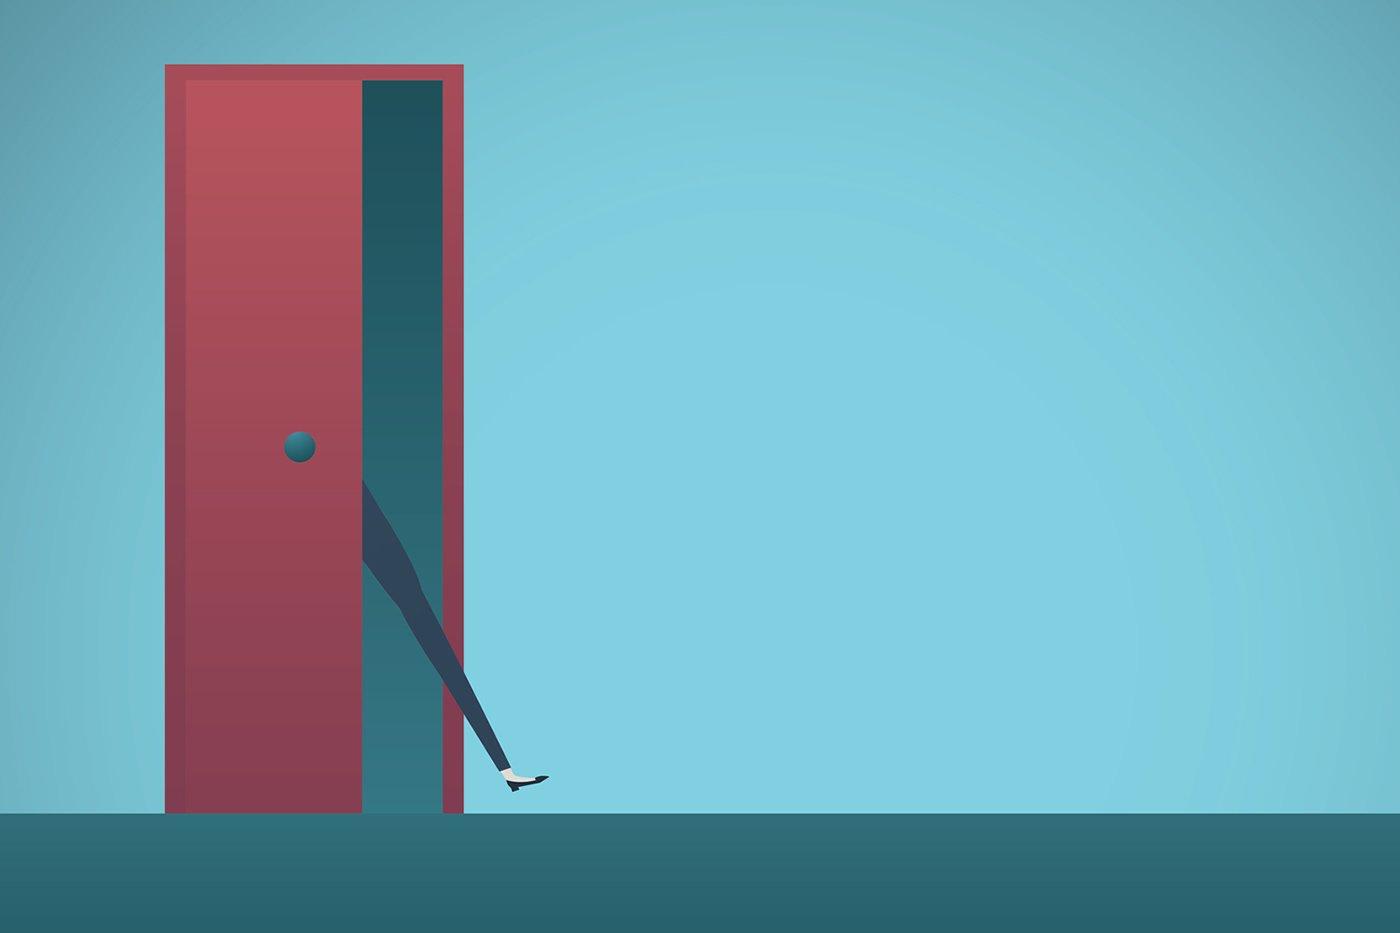 Graphic design - Design